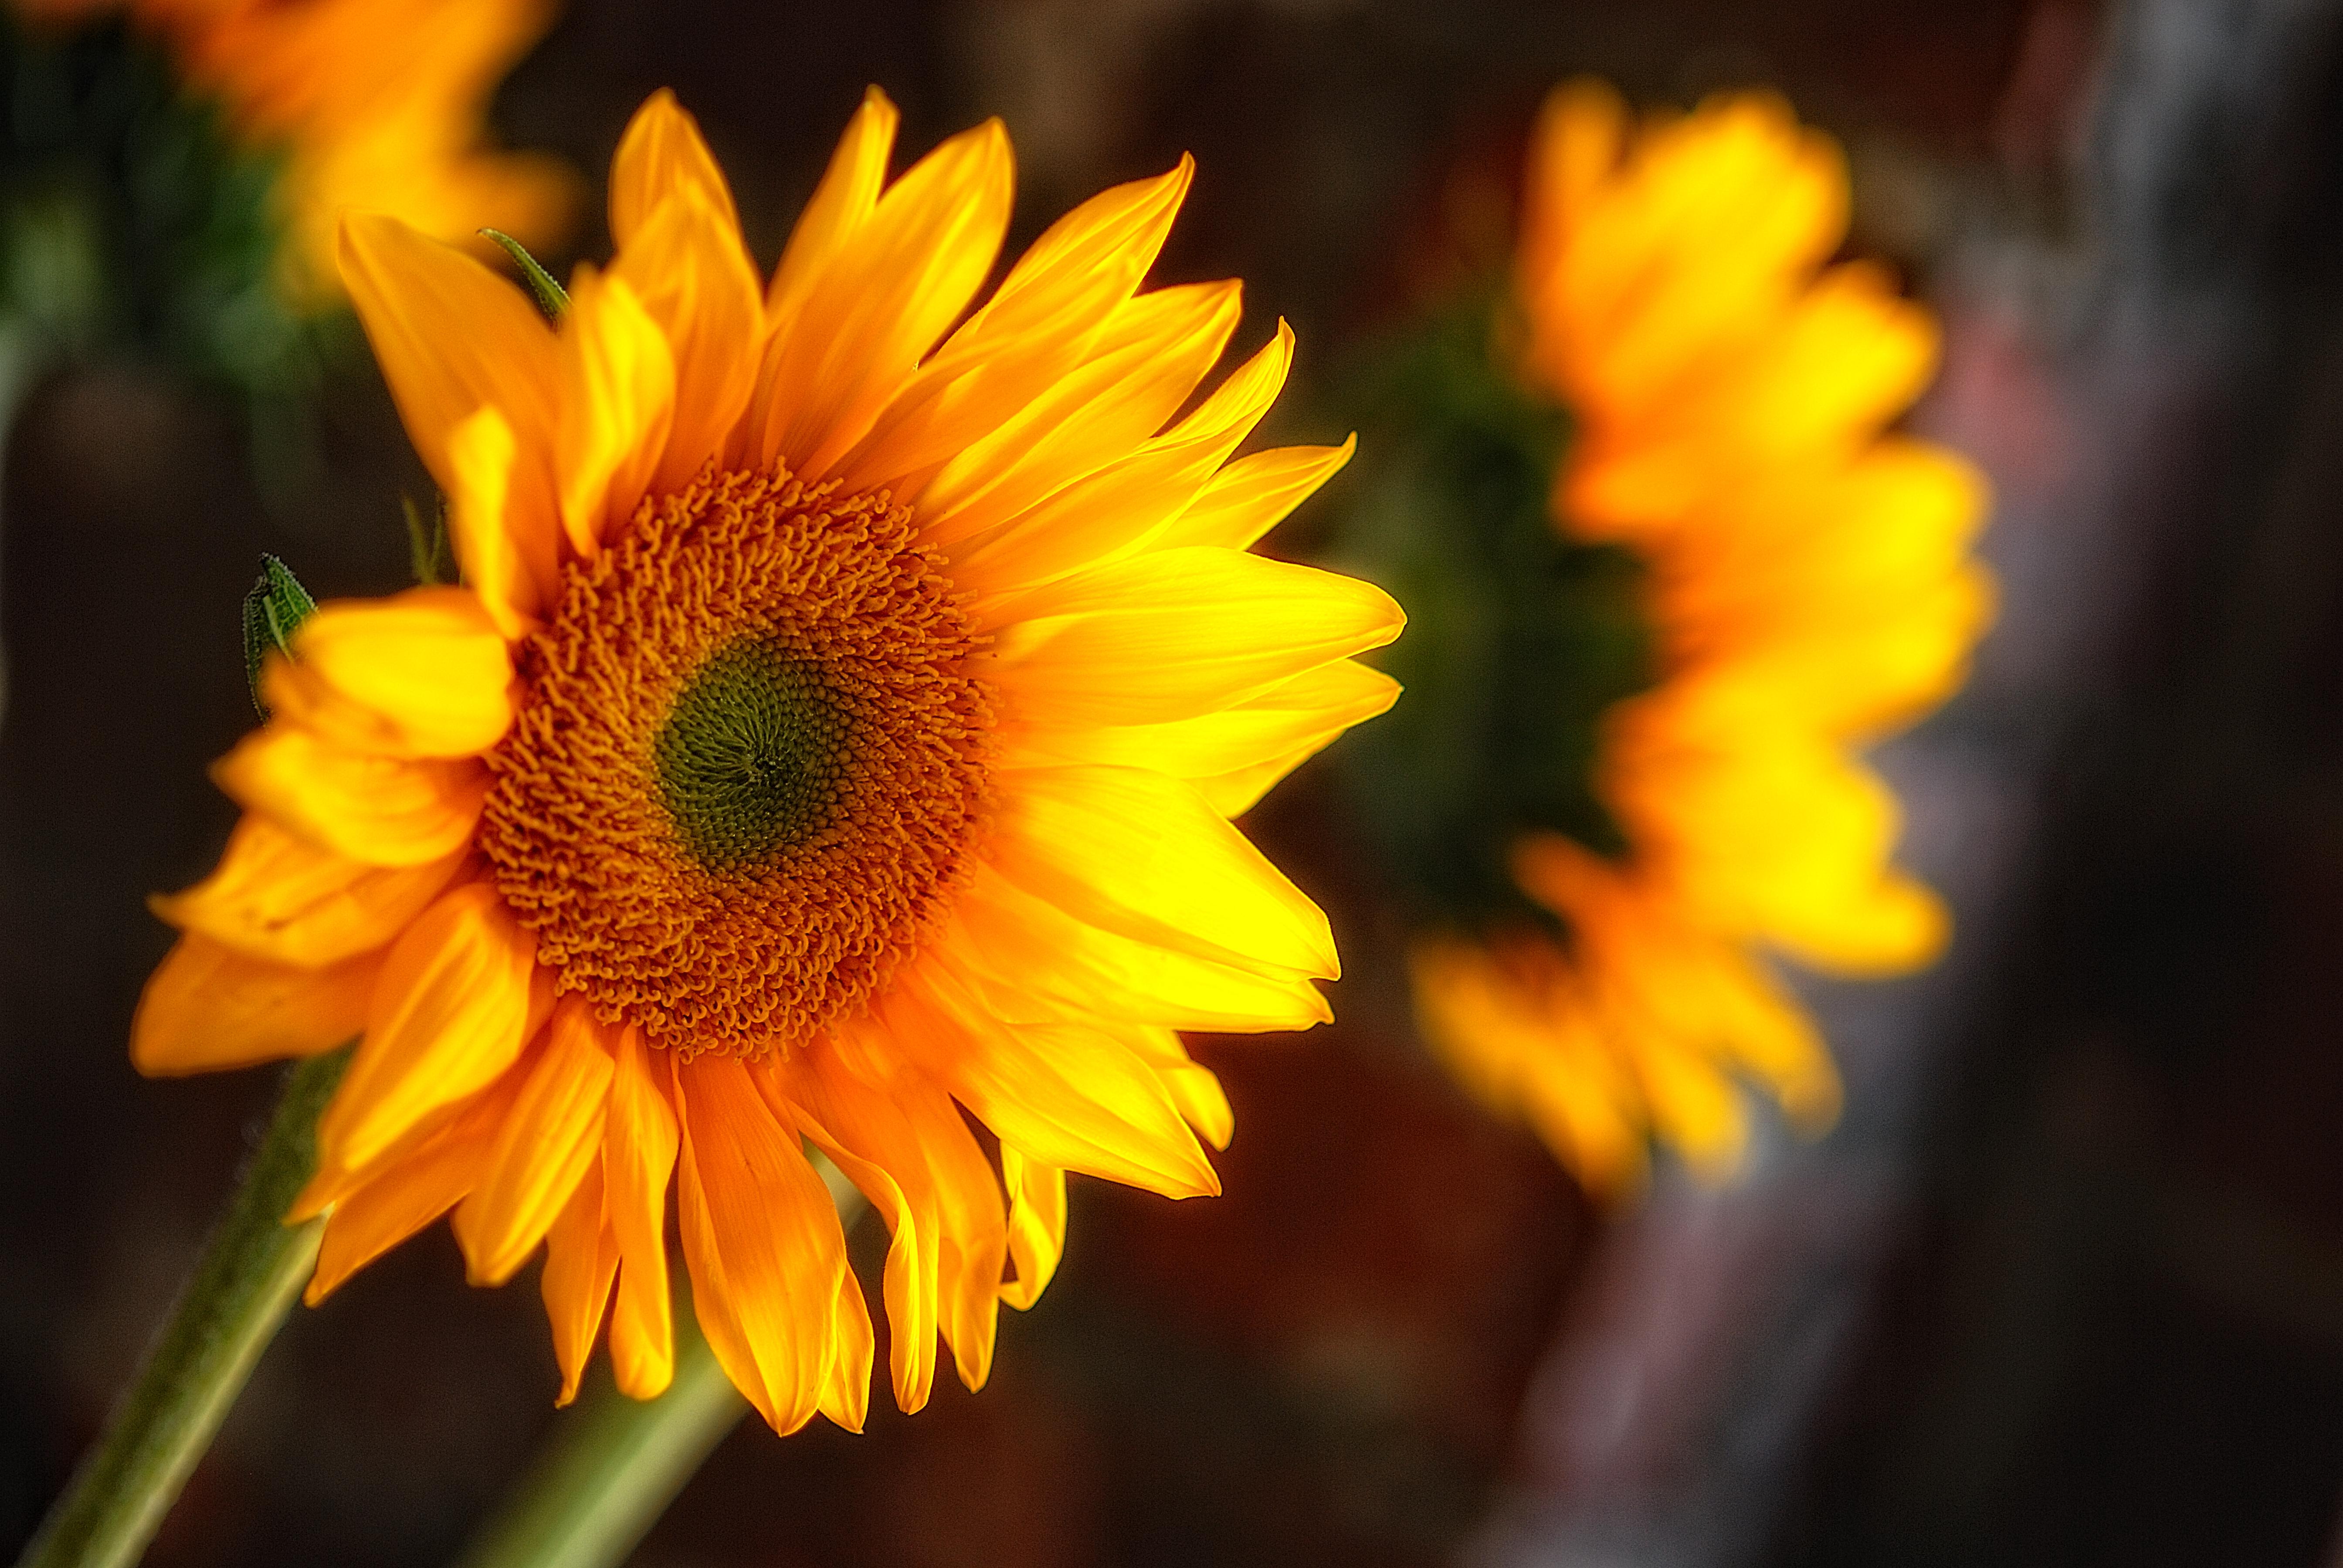 sunflowers_68